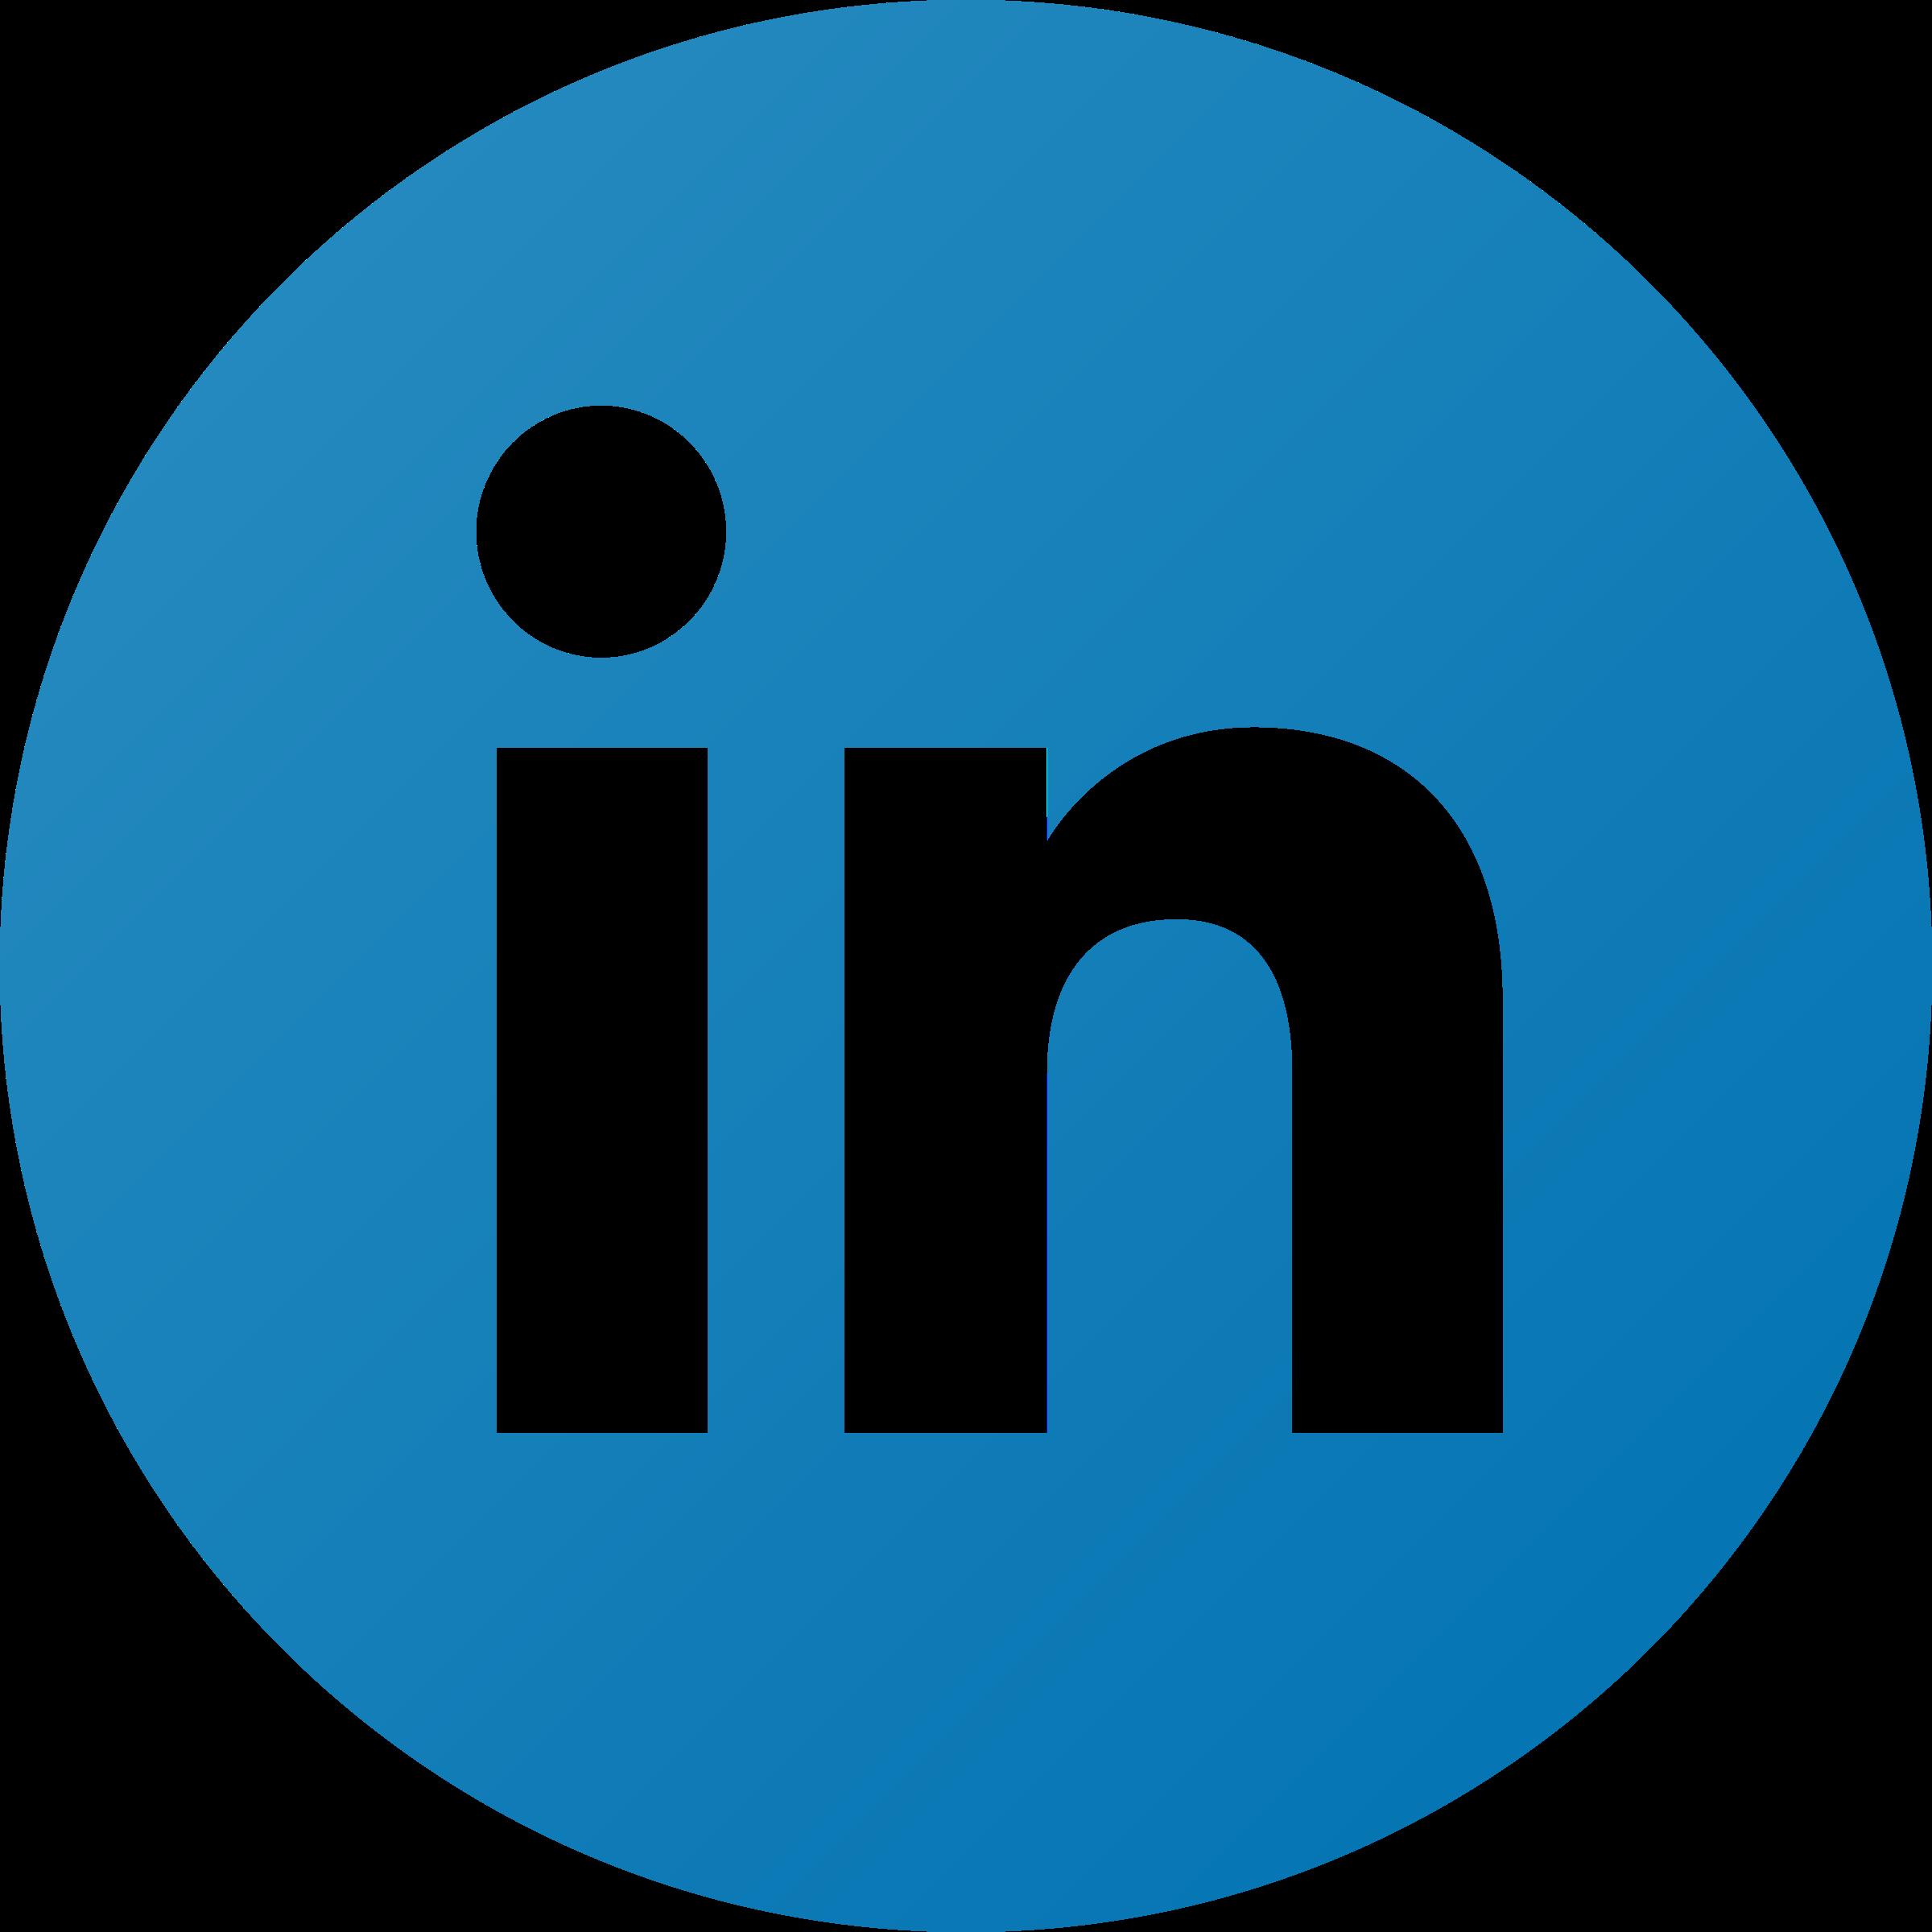 Logo transparent svg vector. Linkedin icon png